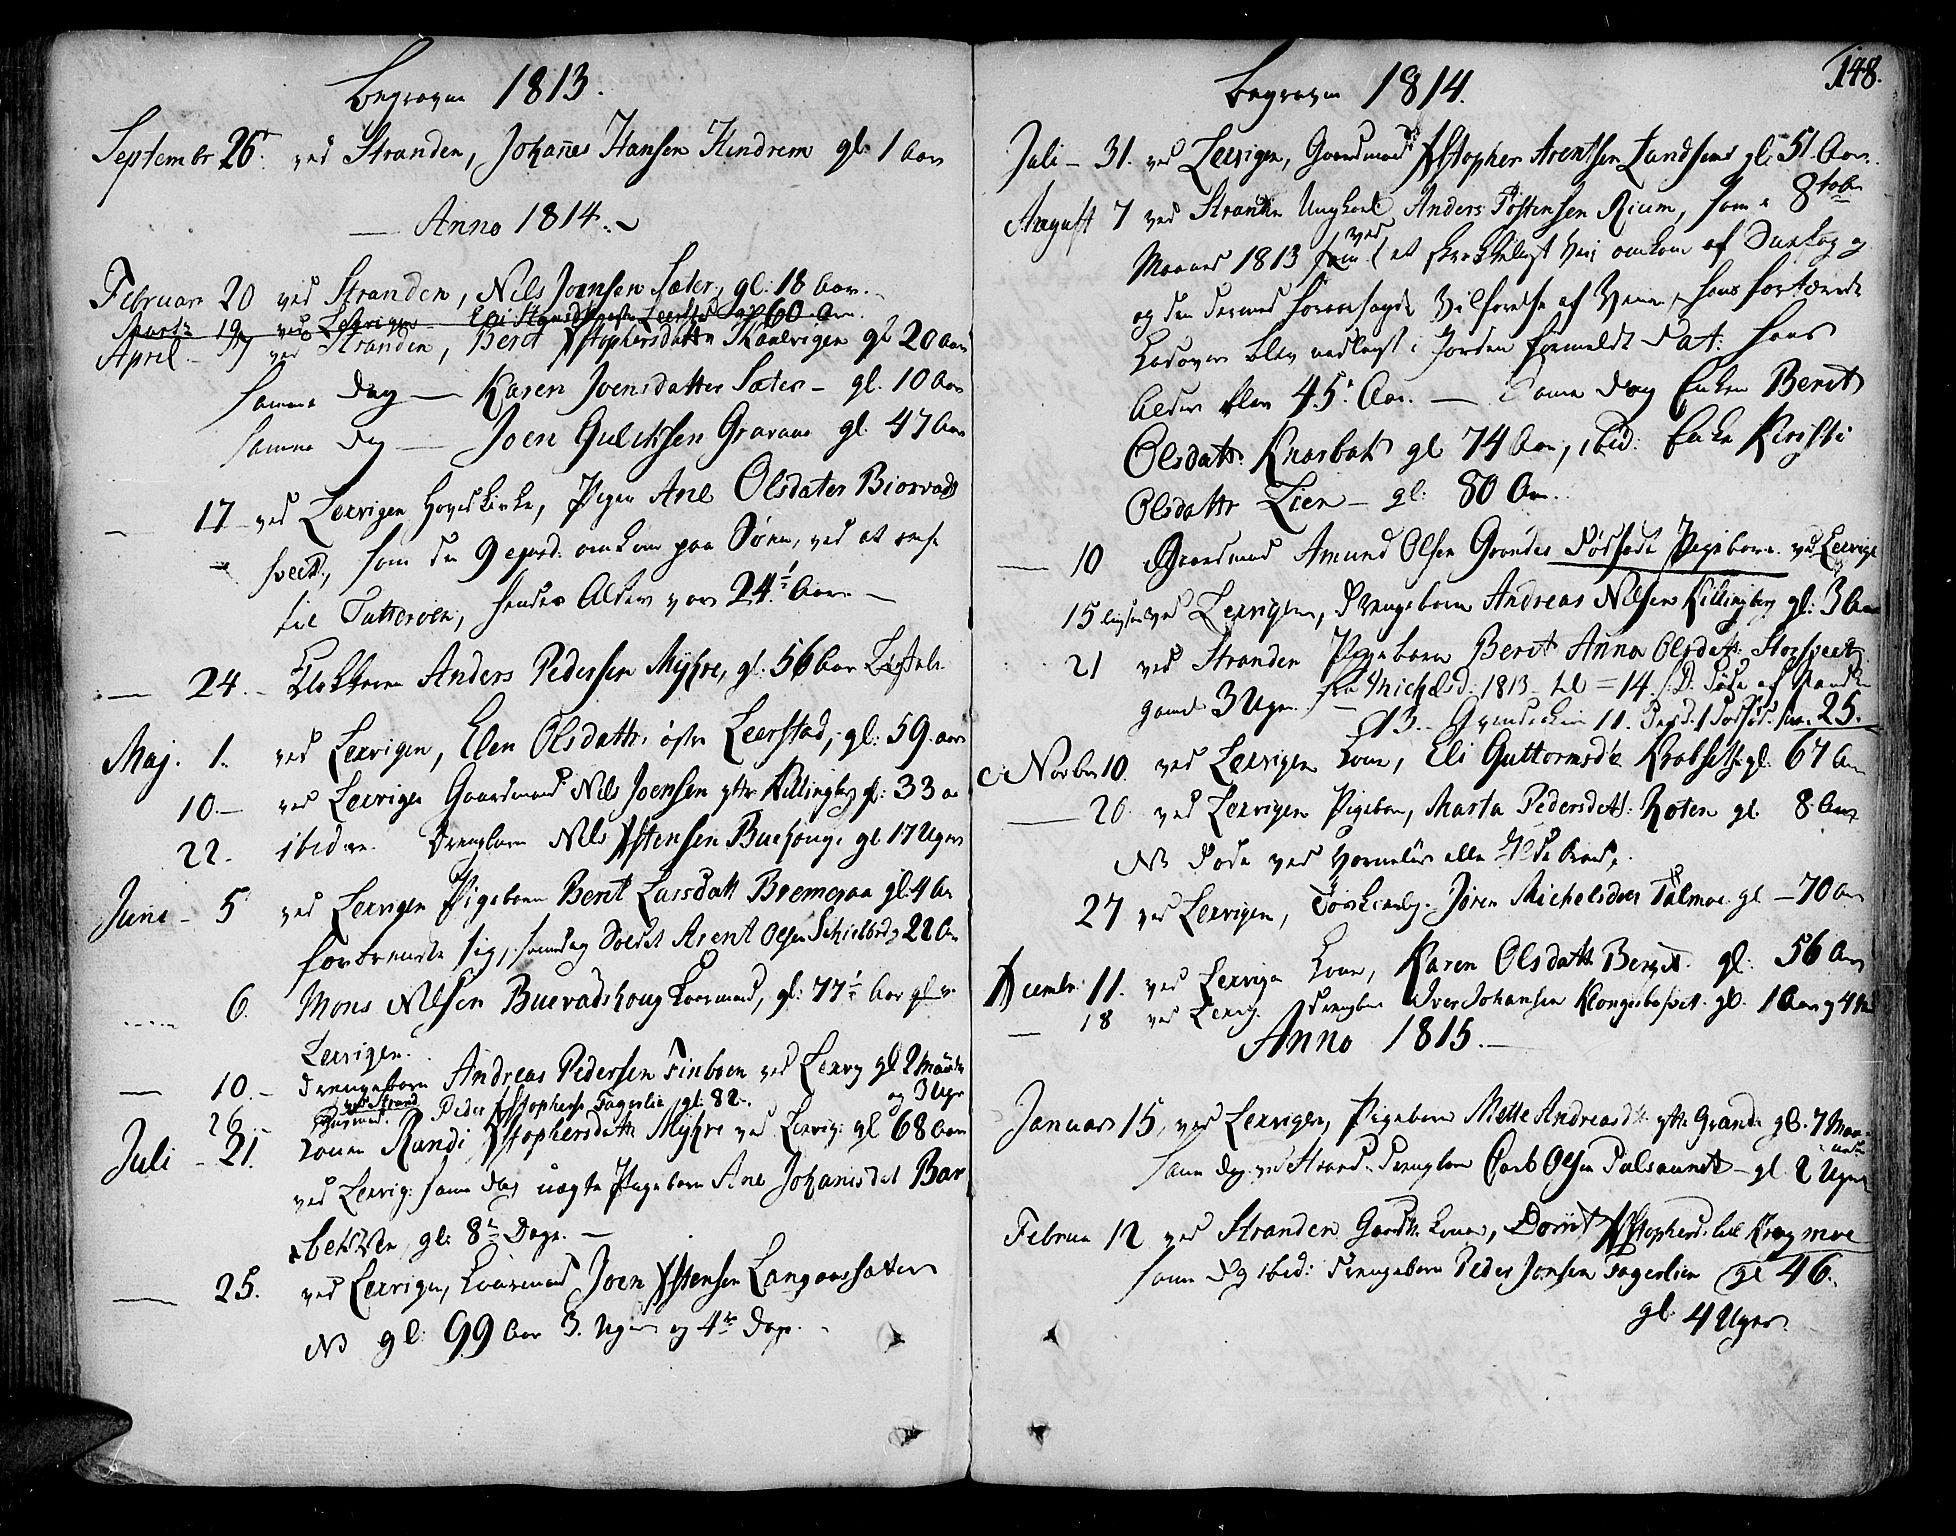 SAT, Ministerialprotokoller, klokkerbøker og fødselsregistre - Nord-Trøndelag, 701/L0004: Ministerialbok nr. 701A04, 1783-1816, s. 148